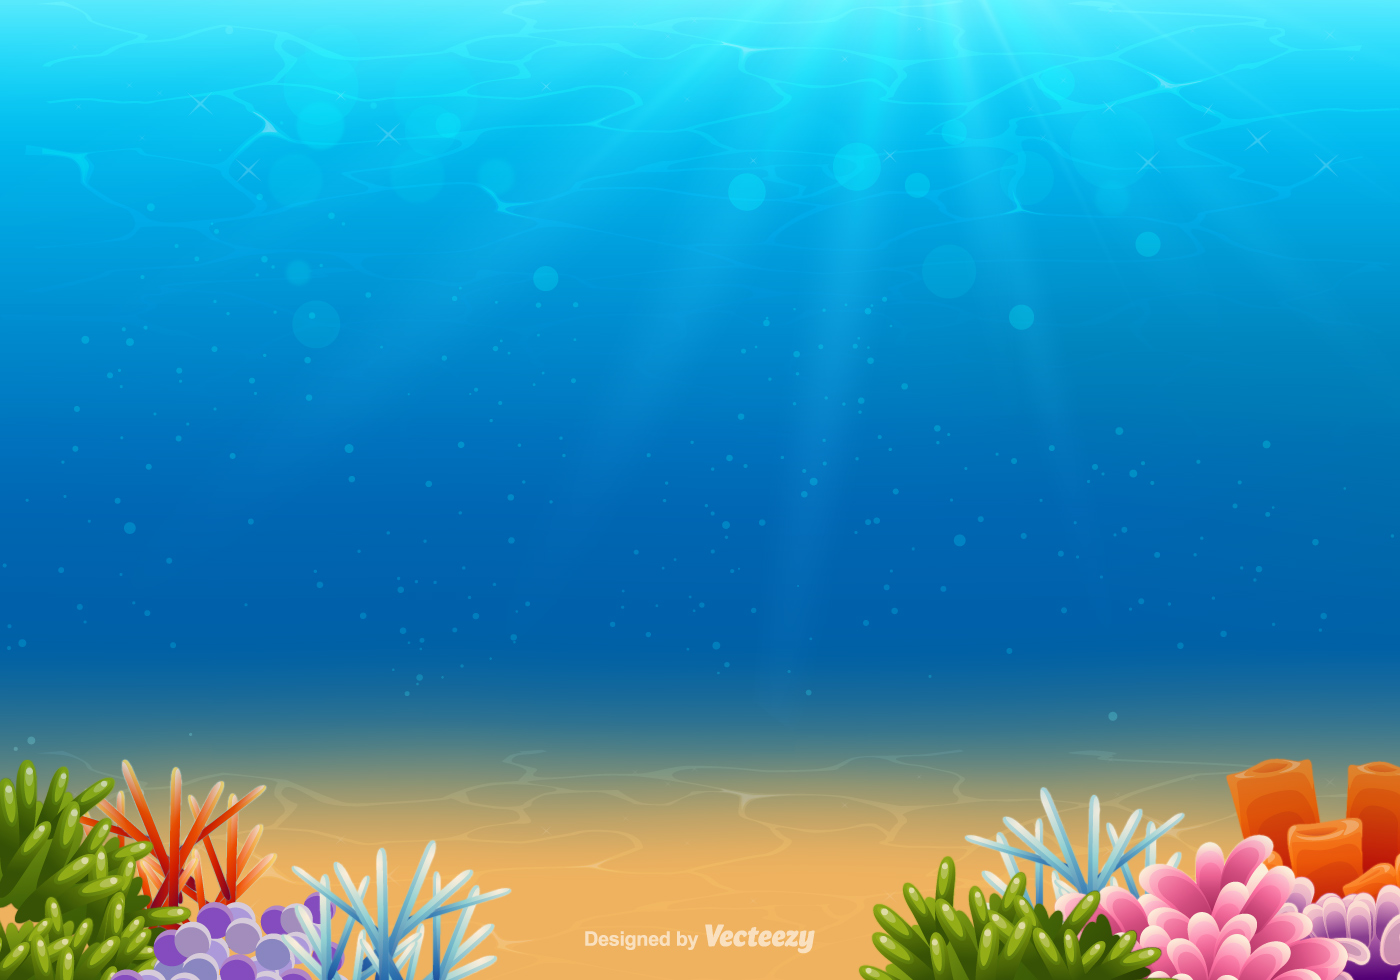 Underwater Vector Background - Download Free Vectors ...